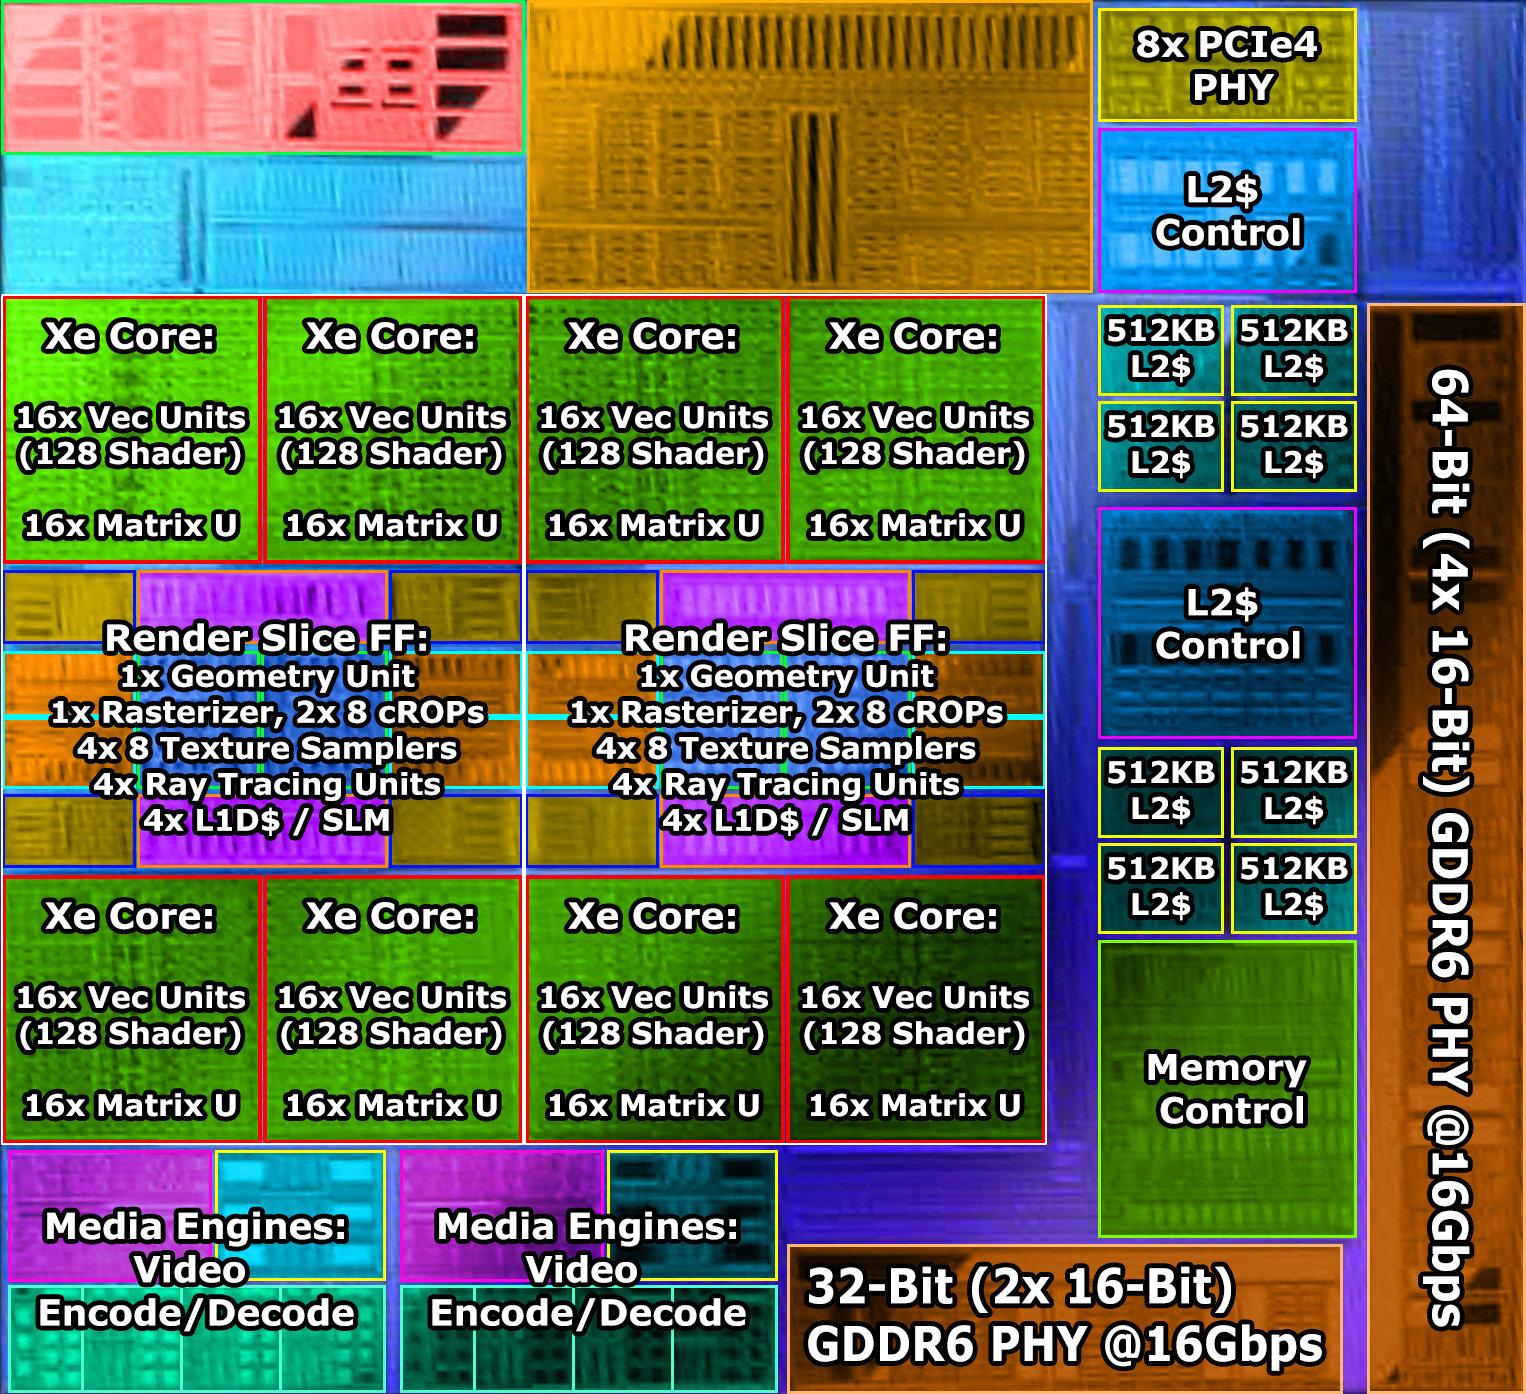 Таких современных видеокарт ни Nvidia, ни AMD не предлагают. Бюджетная 3D-карта Intel предложит 6 ГБ памяти и 96-разрядную шину